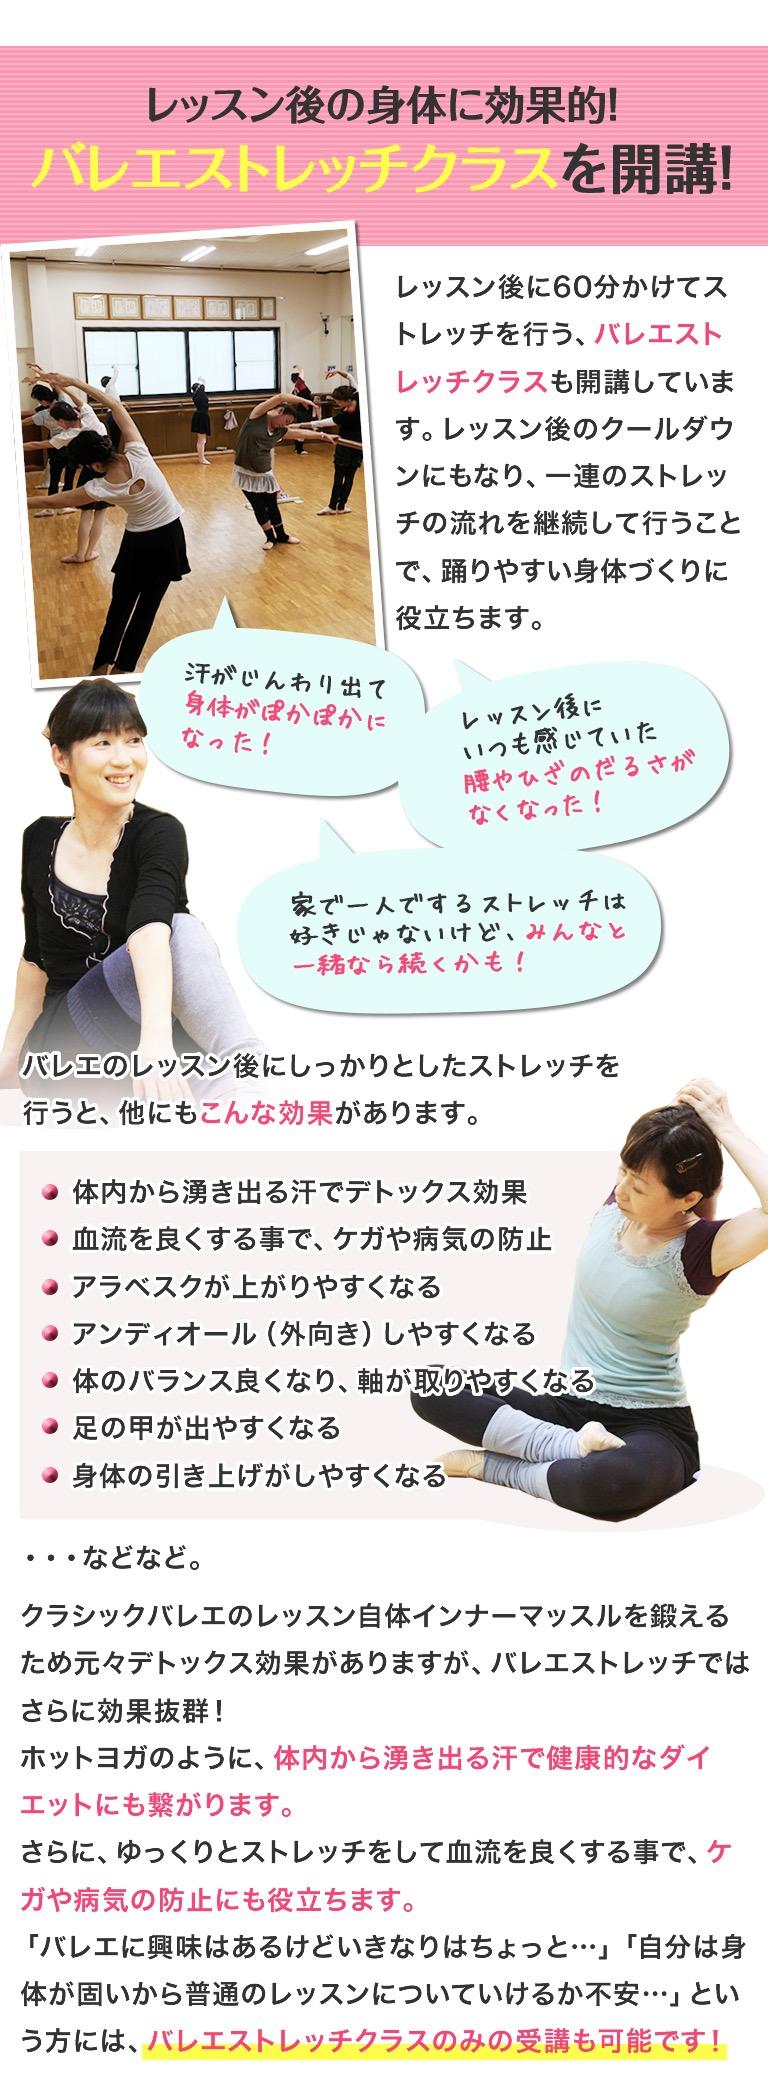 レッスン後の身体に効果的な、バレエストレッチクラスを開講!